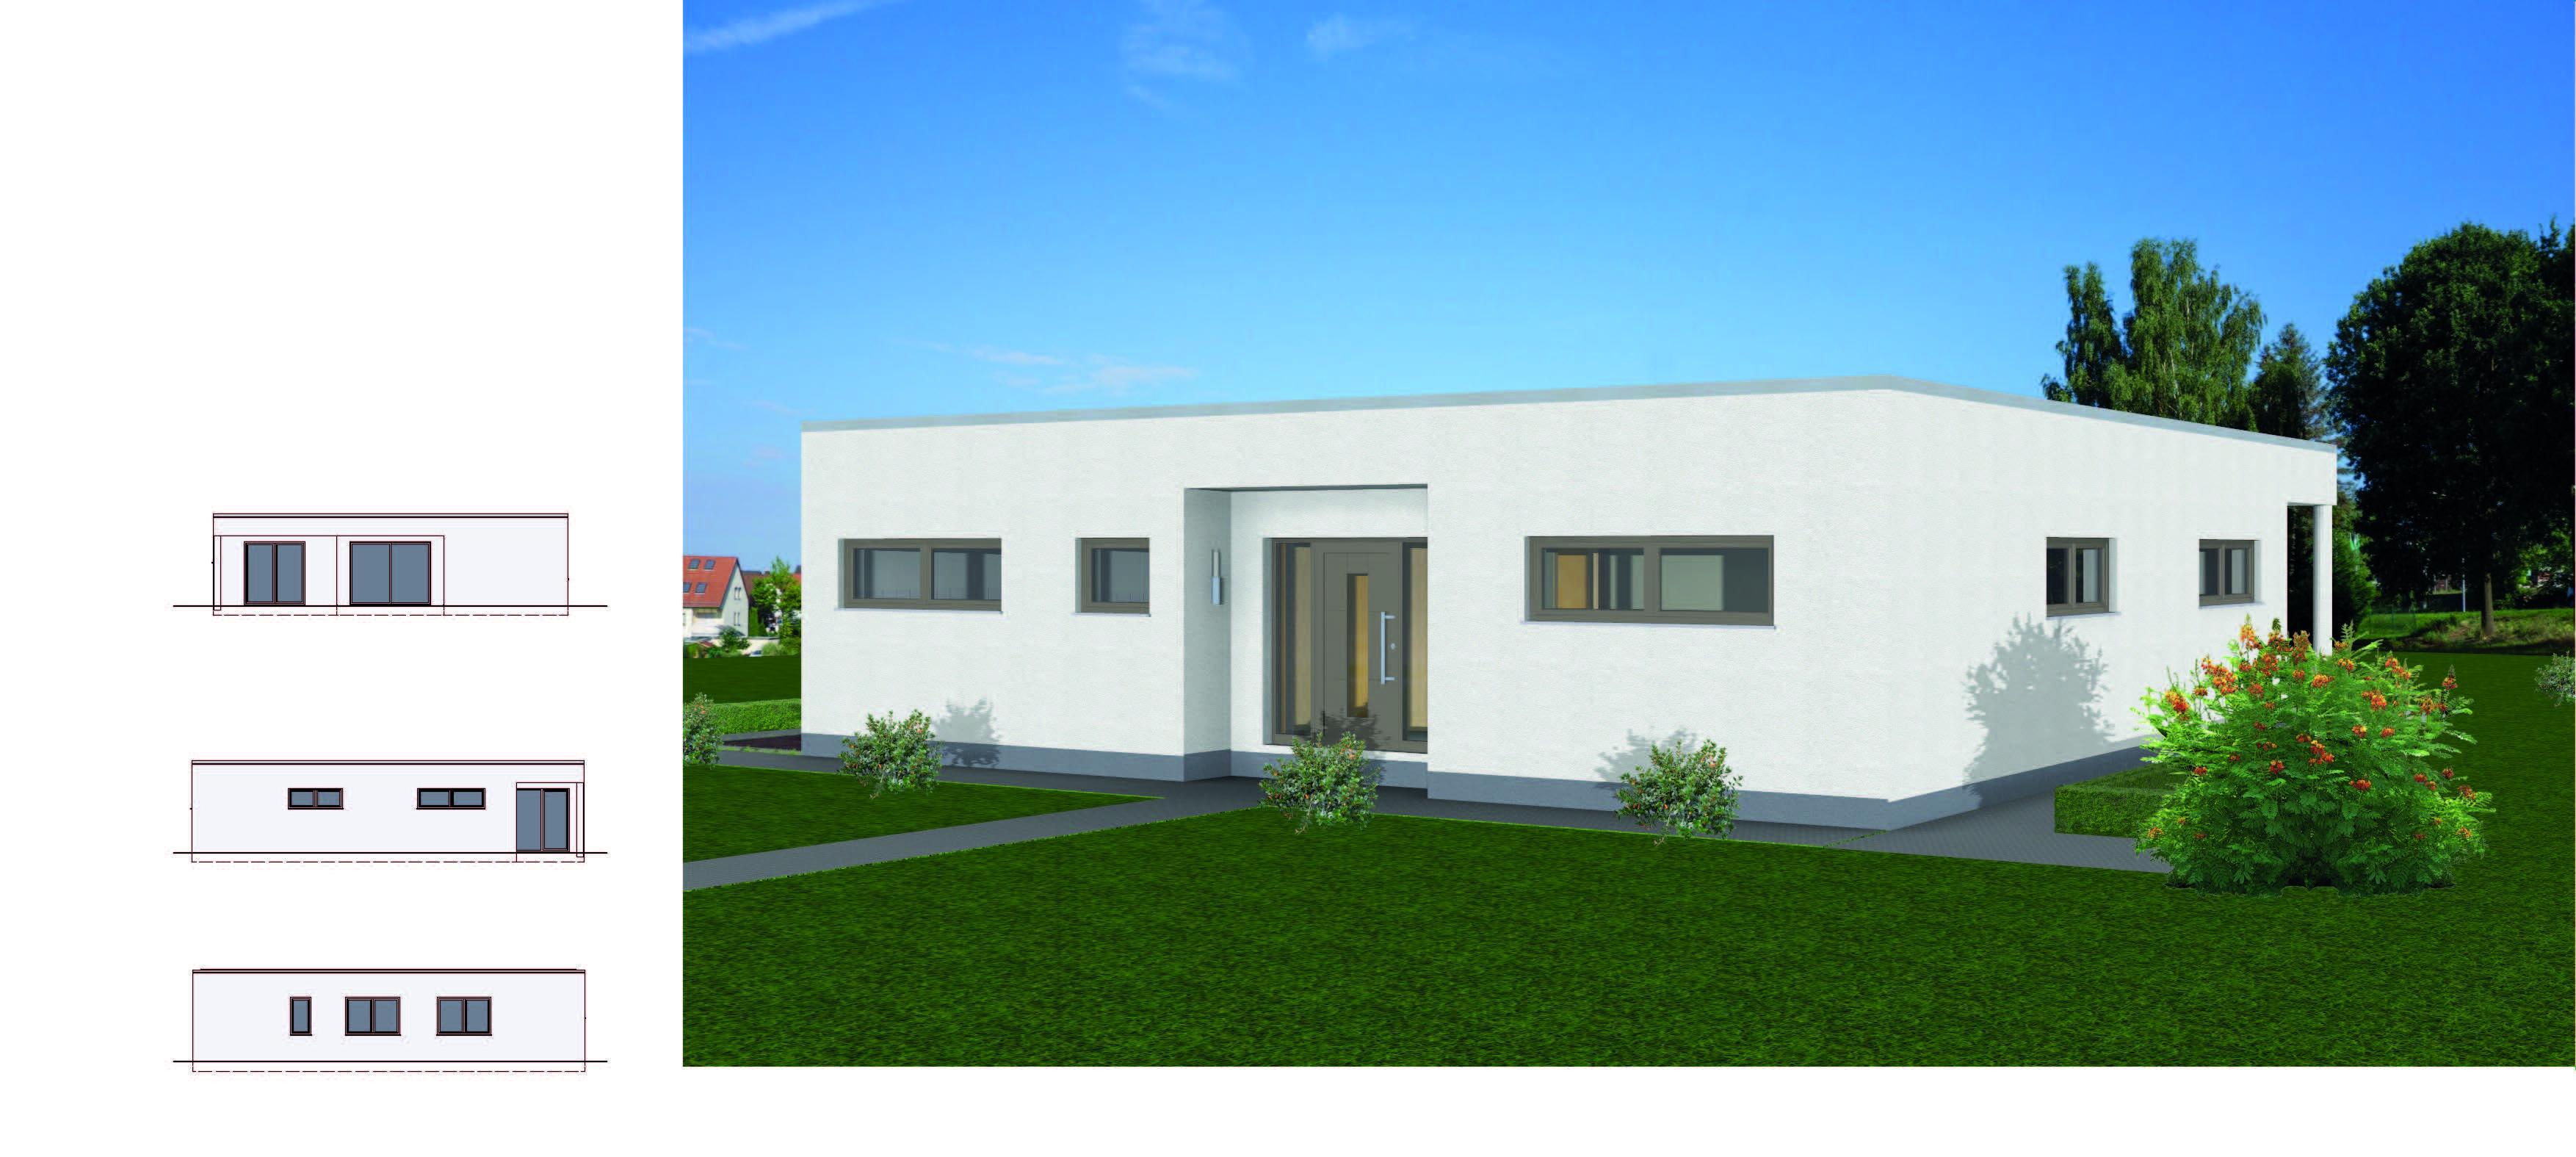 Was Ist Ein Atrium großzügig und modern wie berlin präsentiert sich der bungalow